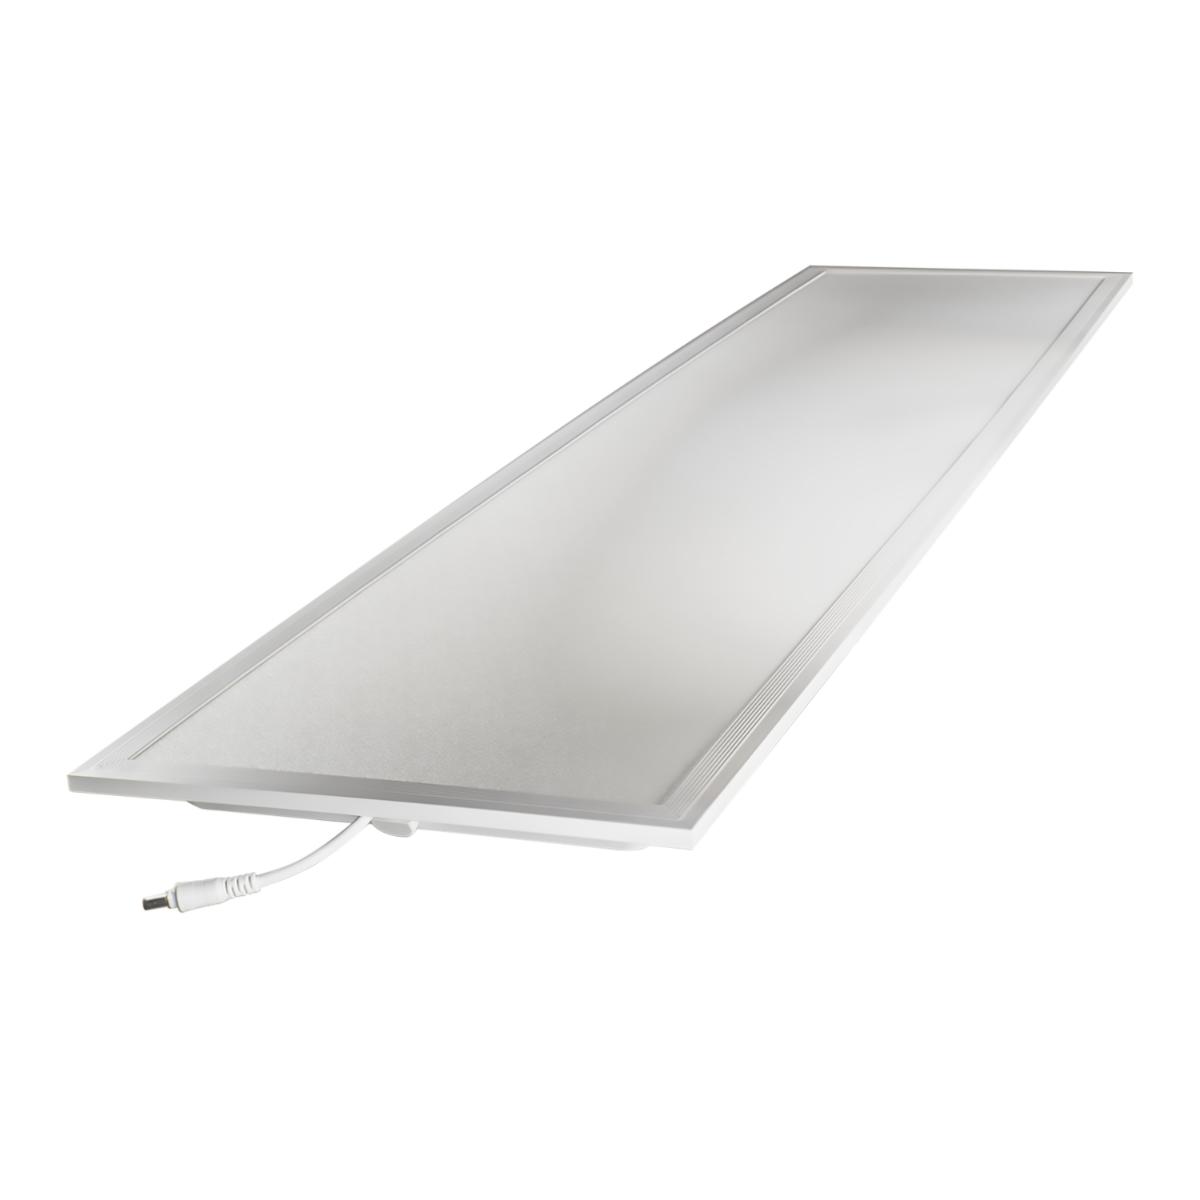 Noxion Panneau LED Econox 32W Xitanium DALI 30x120cm 4000K 4400lm UGR <22 | Dali Dimmable - Blanc Froid - Substitut 2x36W